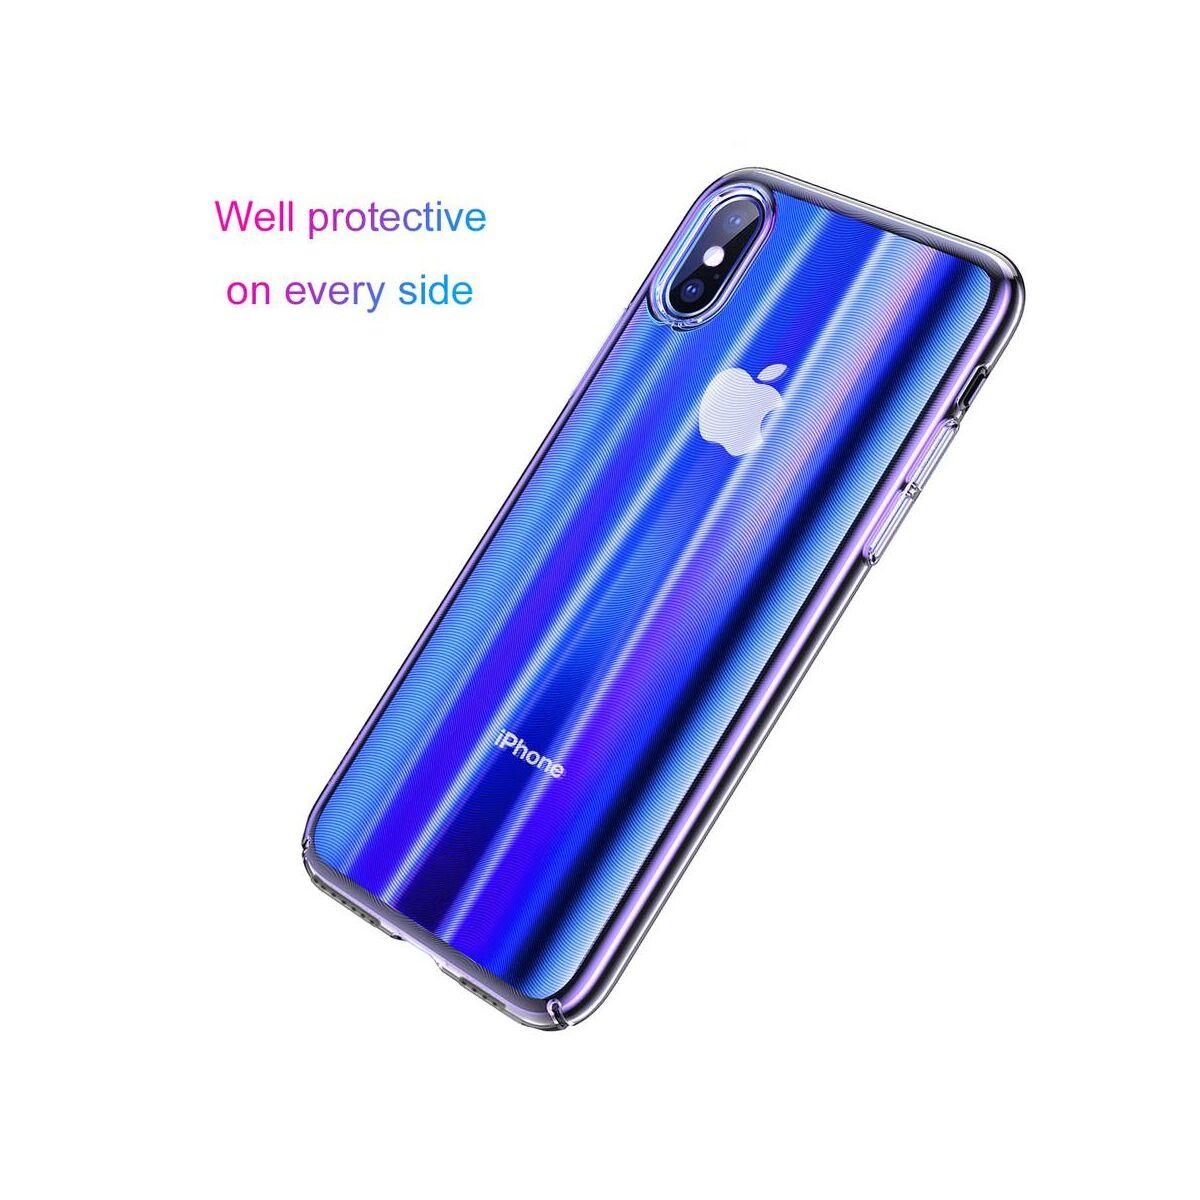 Baseus iPhone XS Max tok, Aurora, átlátszó, kék WIAPIPH65-JG03)